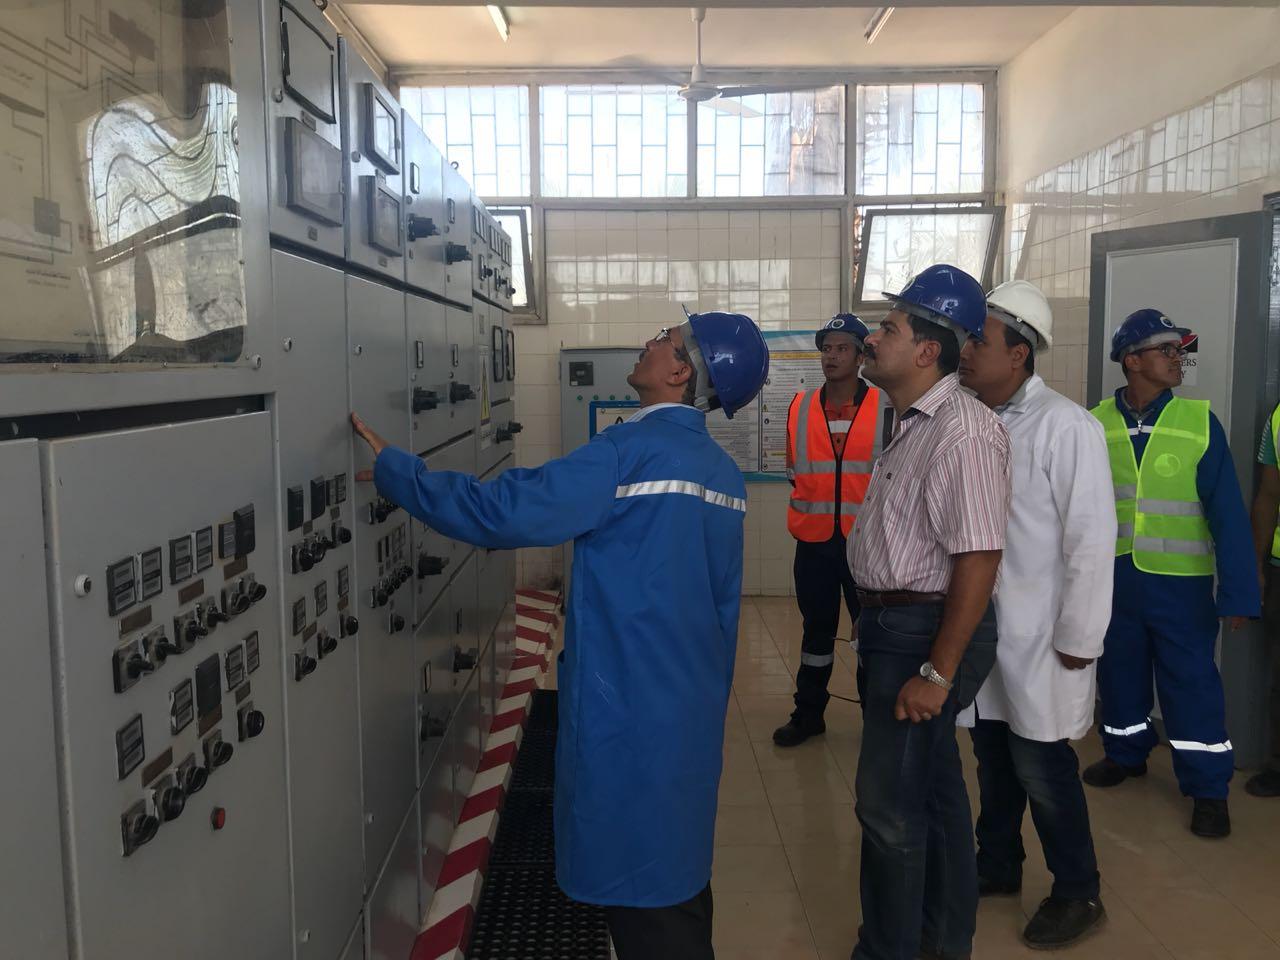 محطة أوليلة بالدقهلية تحصل شهادة الإدارة الفنية المستدامة (5)